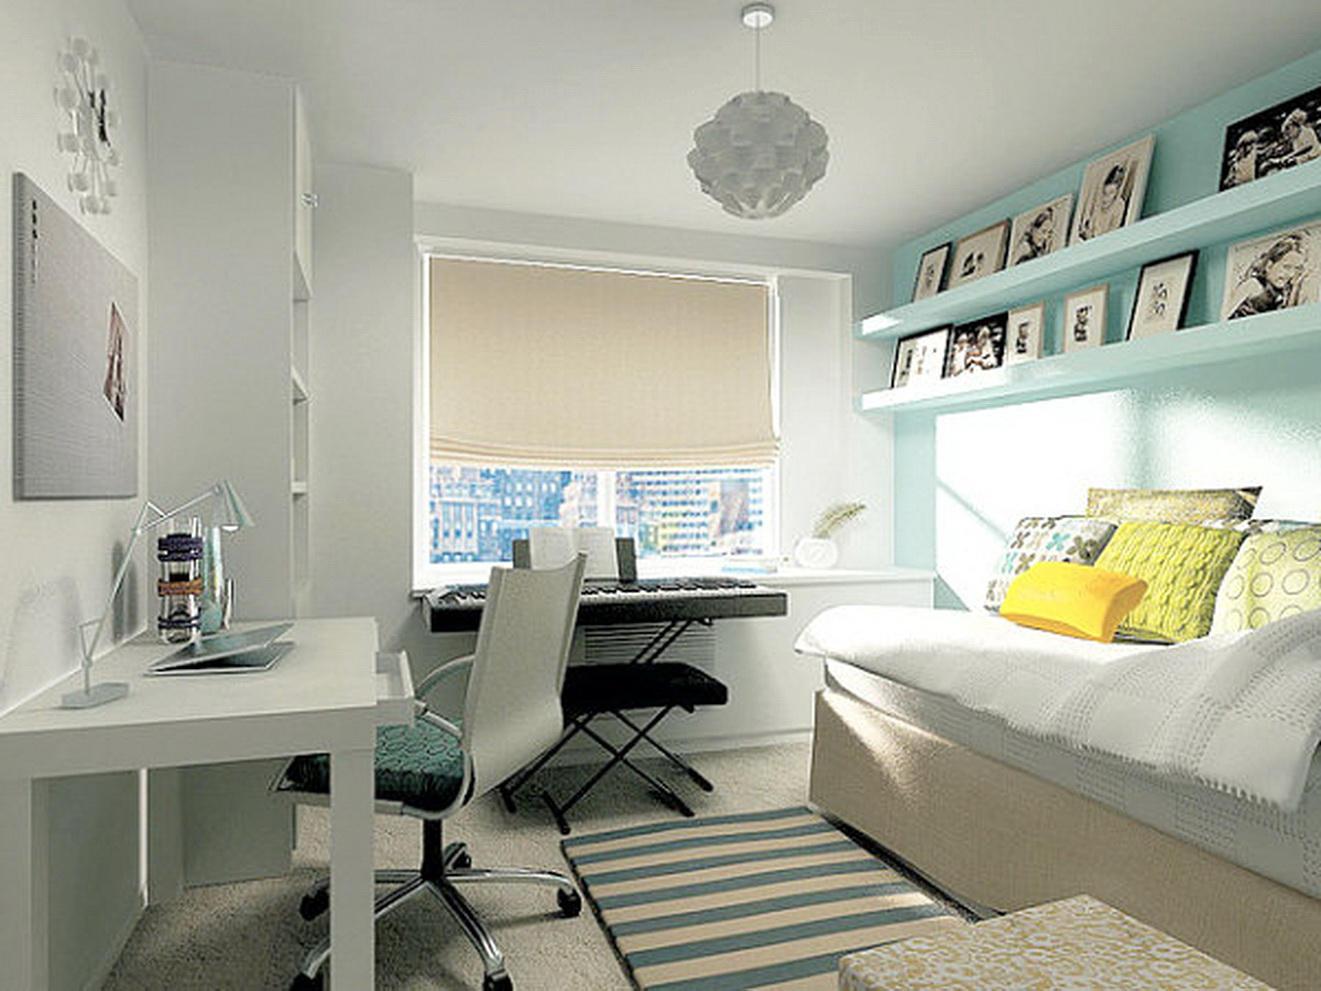 Современный дизайн маленькой комнаты для подростка